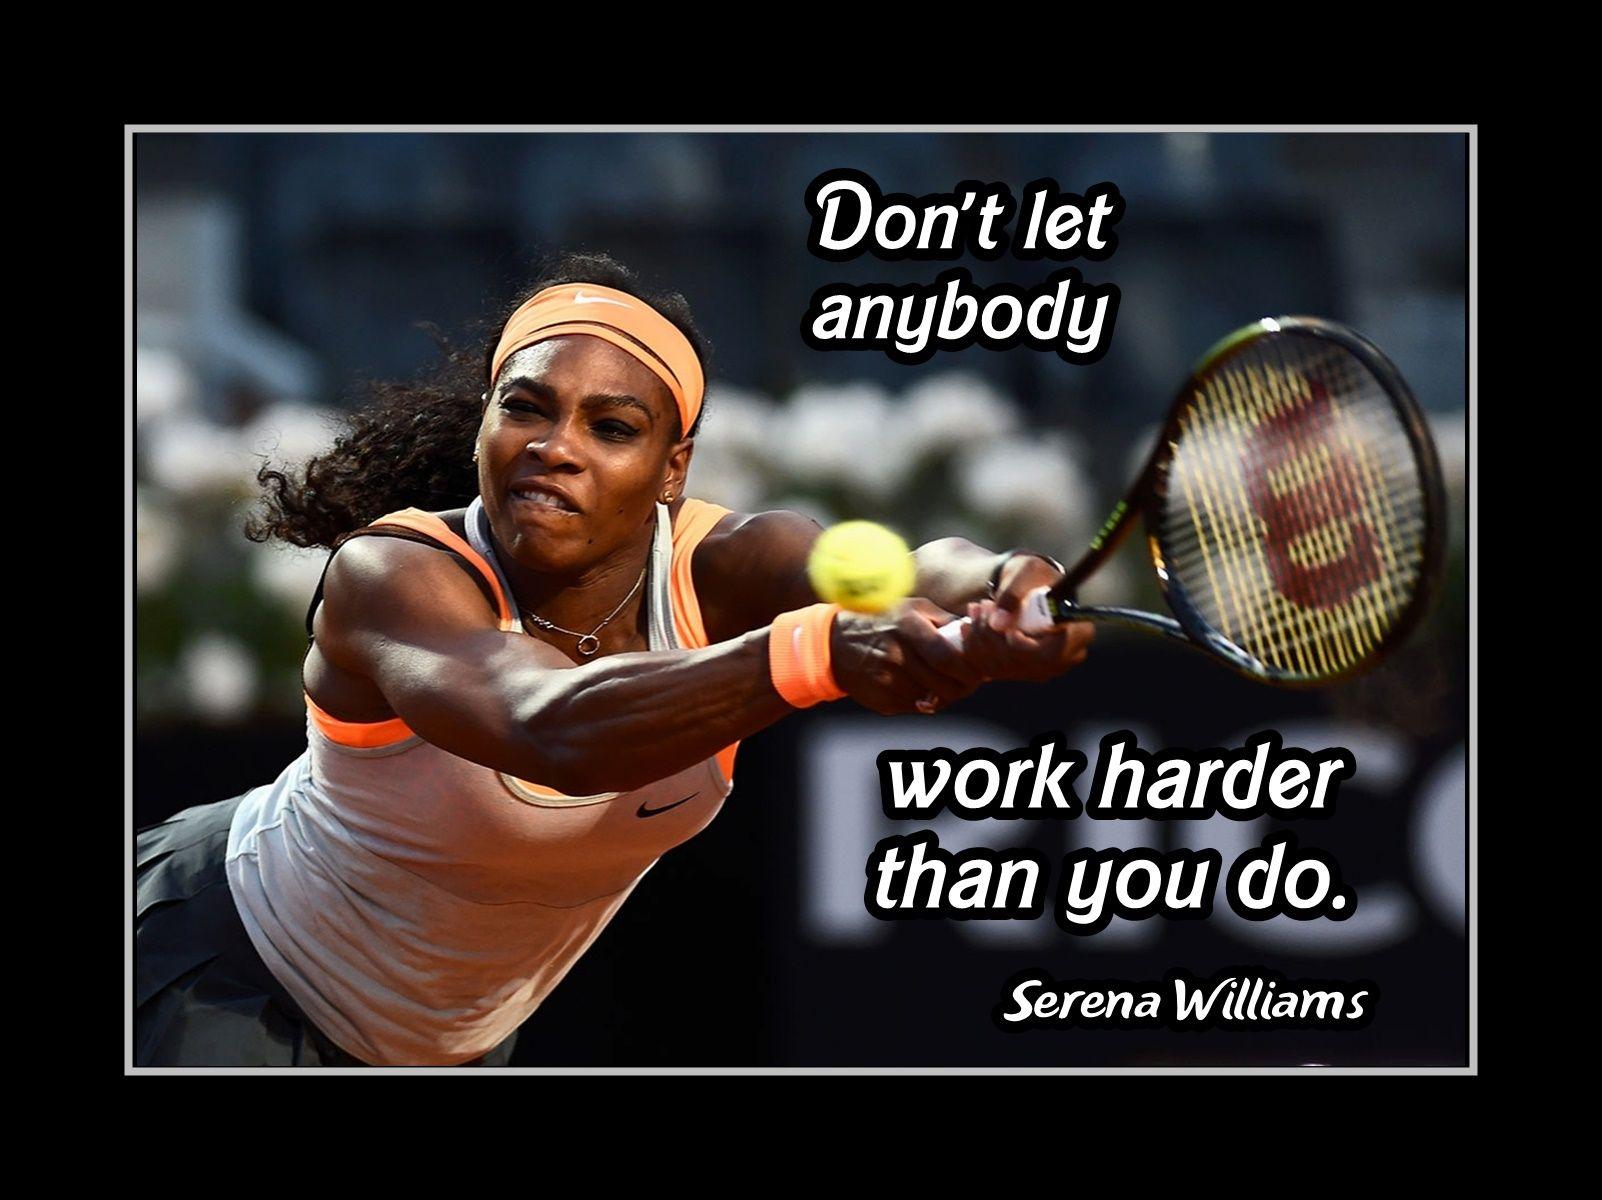 Serena Williams quotes. motivational tennis quotes